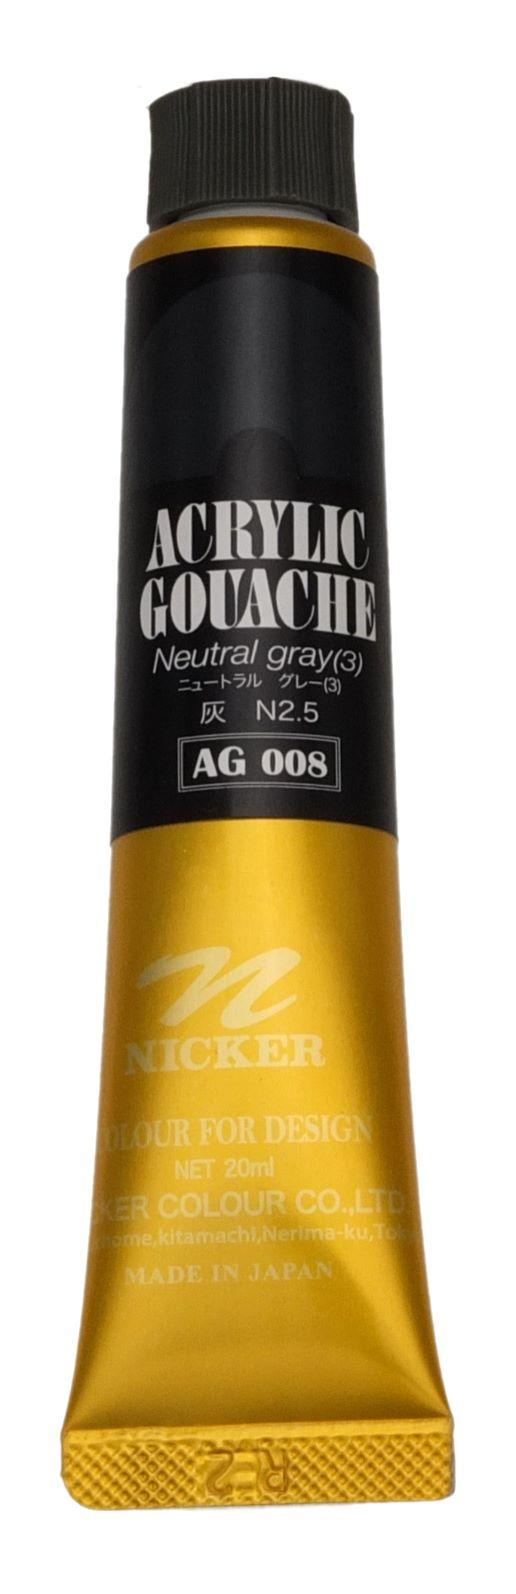 ACRYLIC GOUACHE 20ml AG008 NEUTRAL GRAY(3)